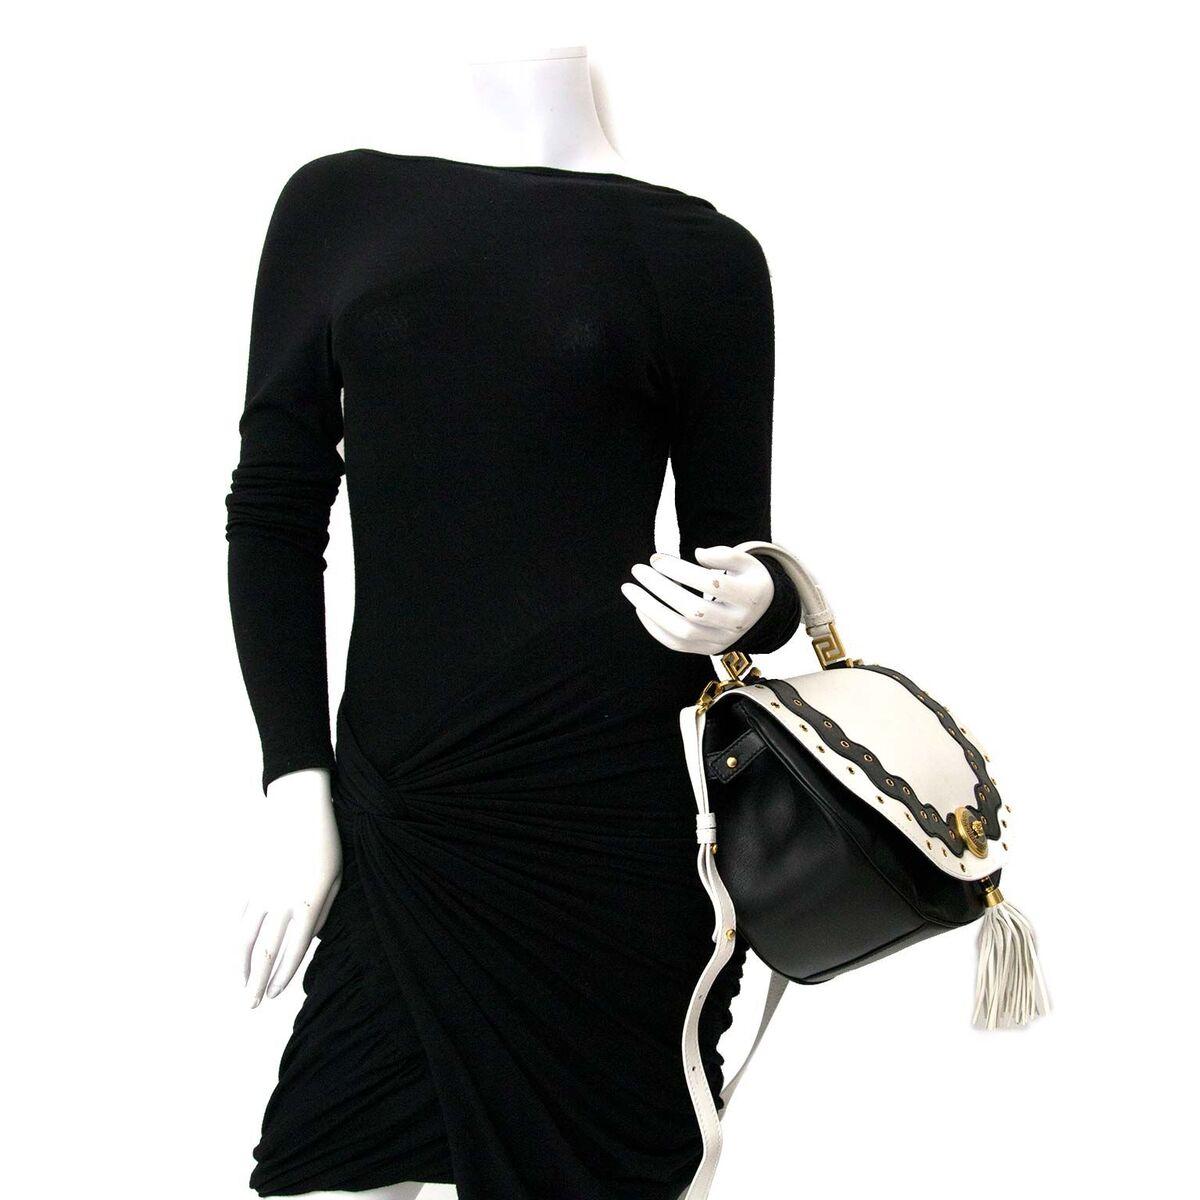 Koop authentieke tweedehands Versace tas in zwart / witte leder aan een eerlijke prijs bij LabelLOV. Veilig online shoppen.